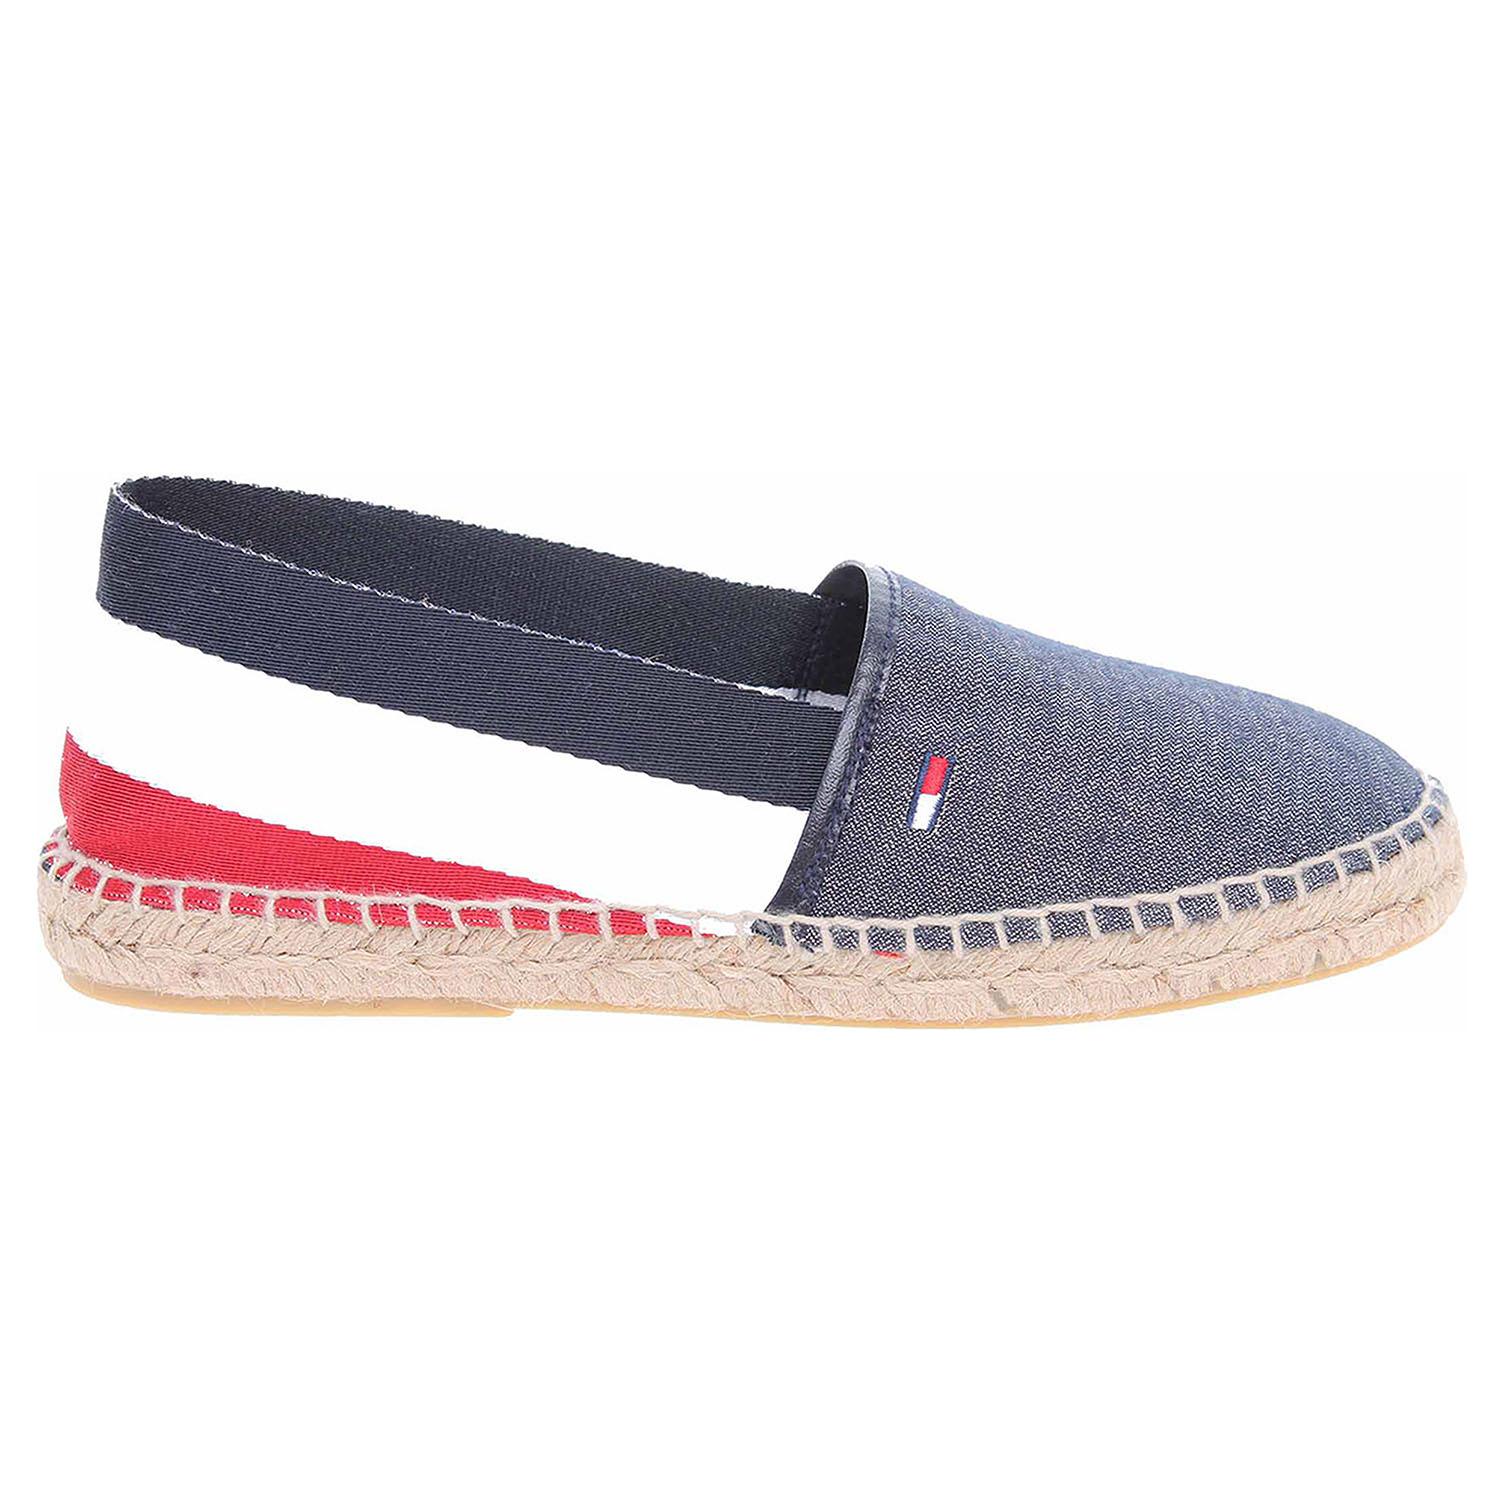 16d4e4355212 Tommy Hilfiger dámská obuv EN0EN00174 020 rwb EN0EN00174 020 38